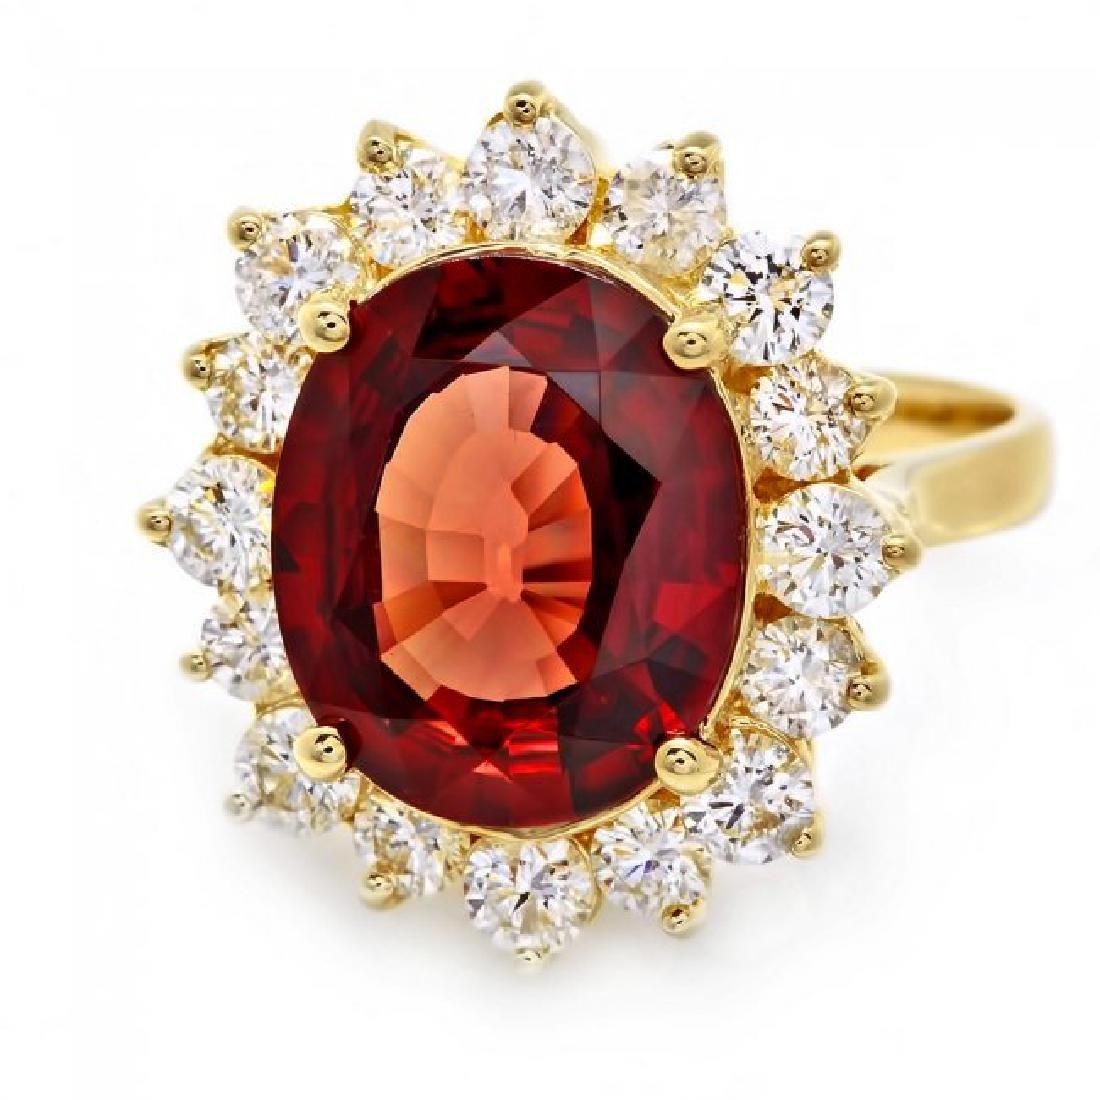 14k Yellow Gold 7.00ct Zircon 1.60ct Diamond Ring - 2